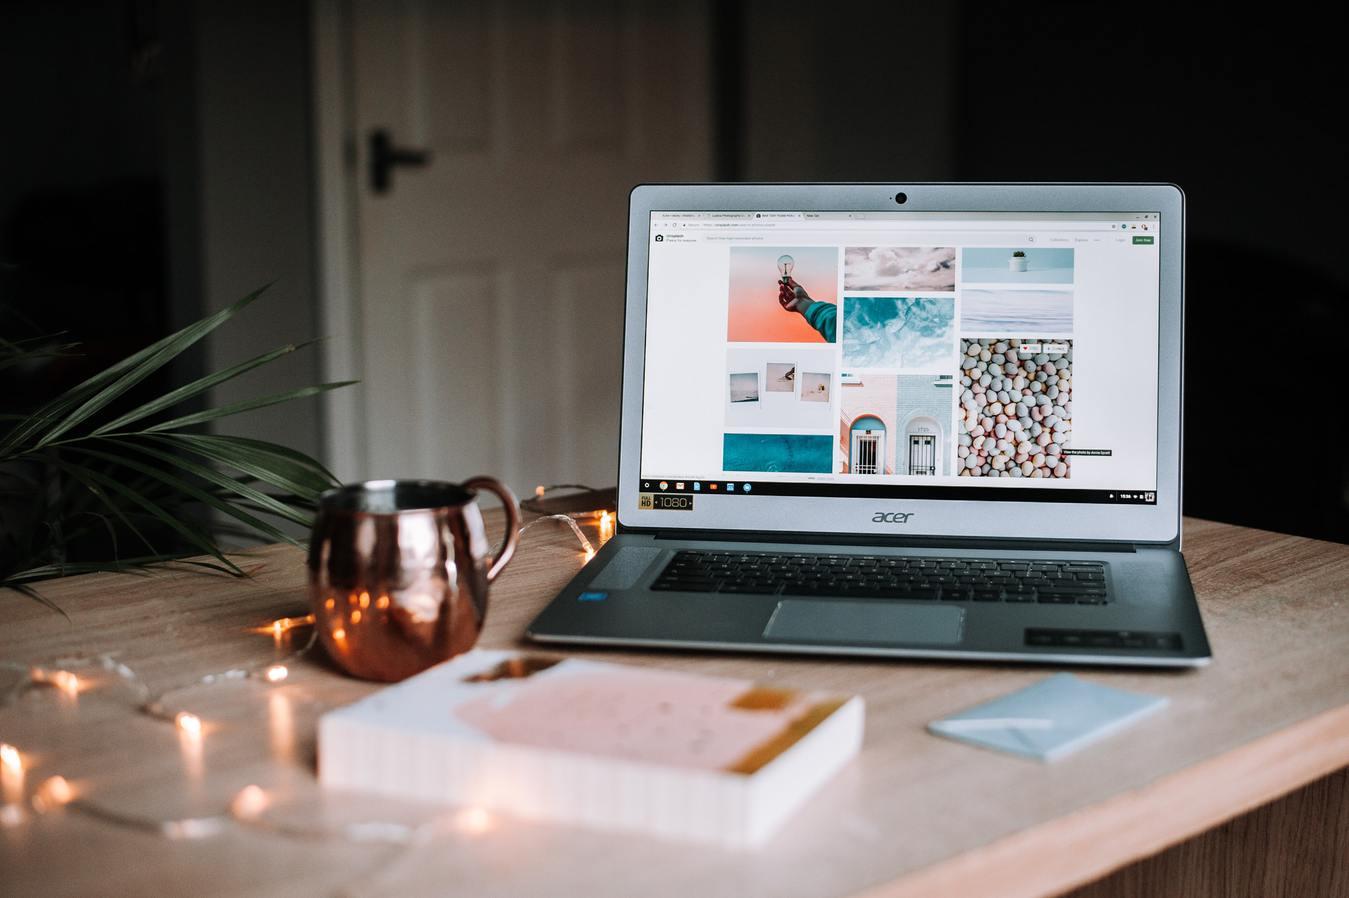 Strona internetowa wyświetlająca się na laptopie, stojącym na biurku, na którym leżą lampki.